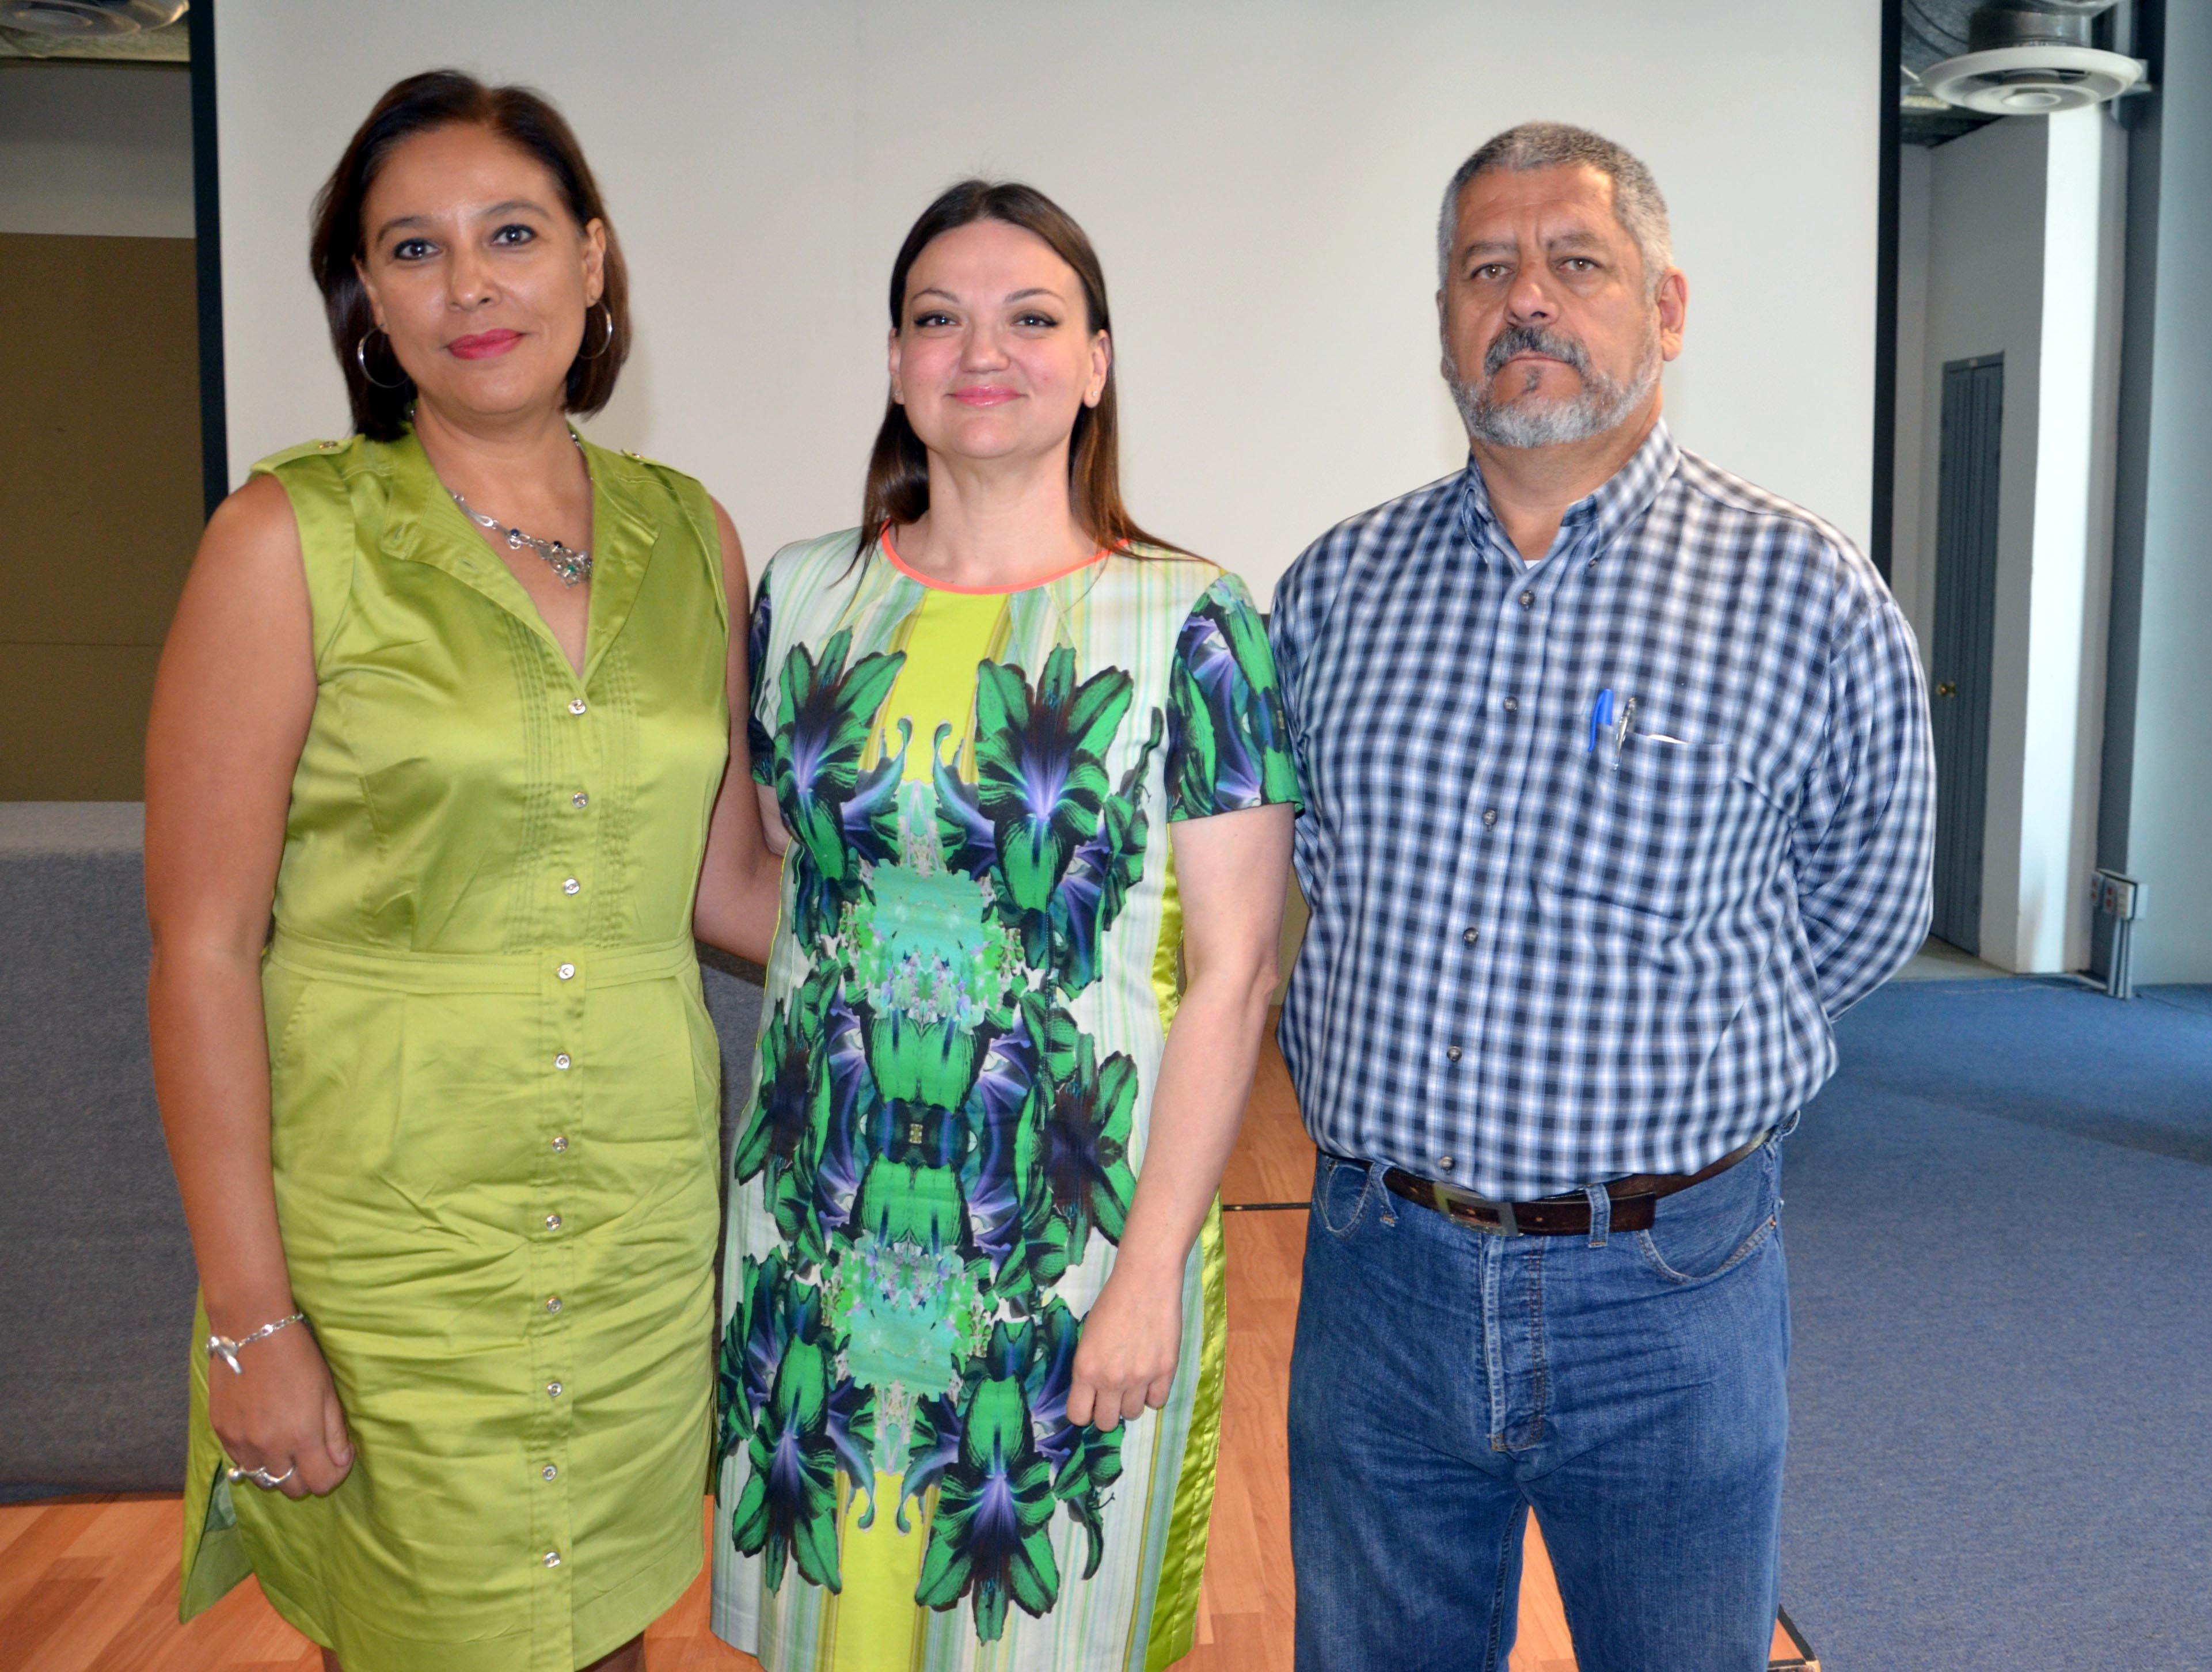 Dra. Ana Cecilia Morquecho Güitrón, Mtra. Maria Felicitas Parga, Dr. Pedro Javier Guerrero Medina  candidatos a Rector del CUCiénega